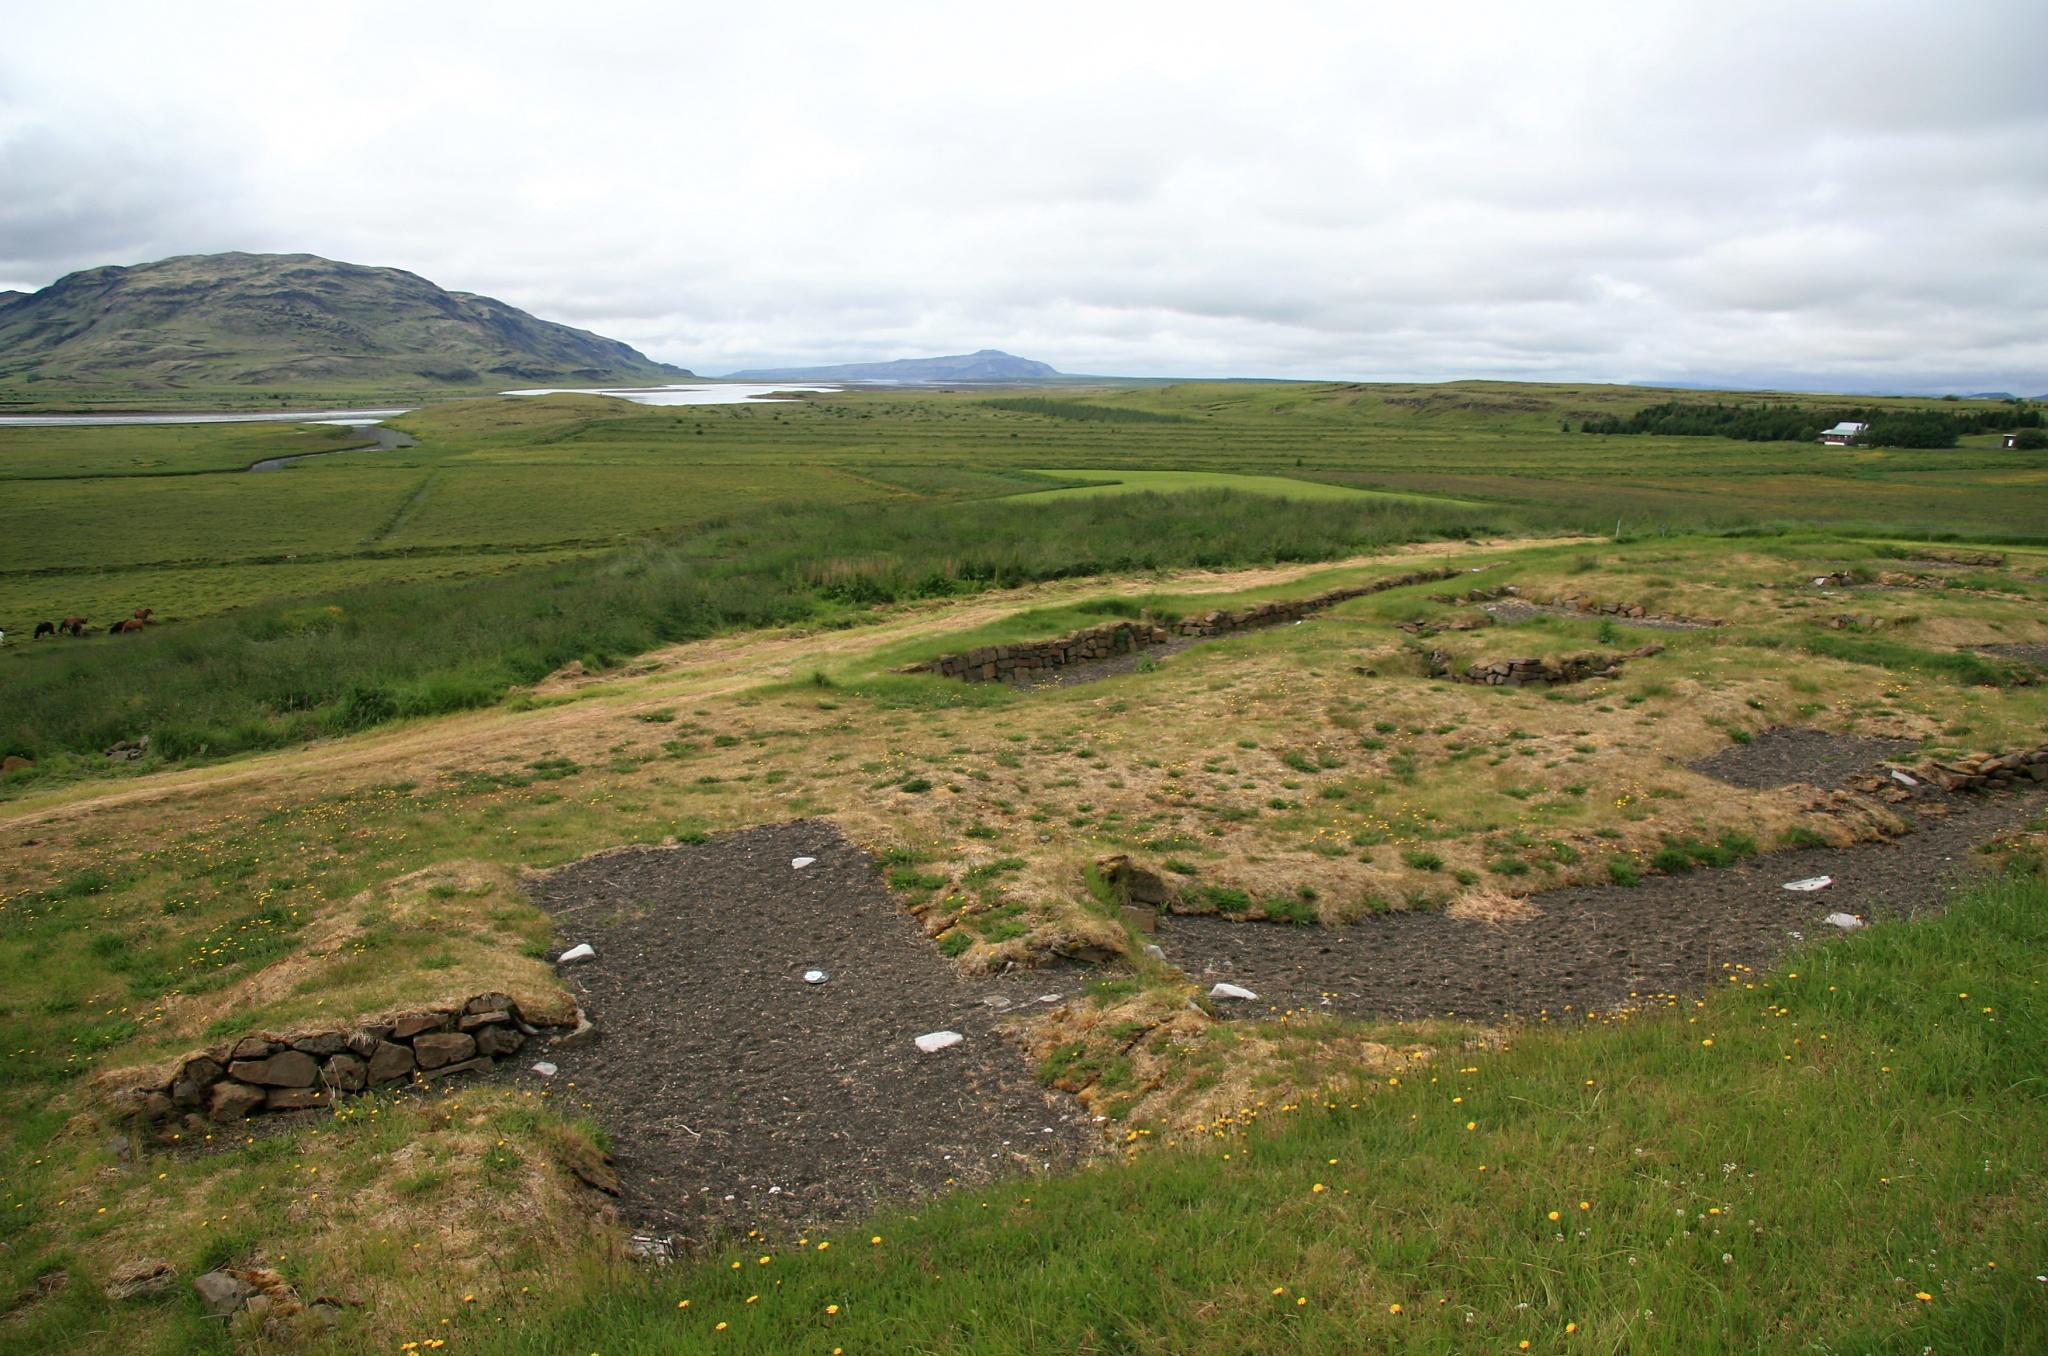 Původní sídlo biskupa ve Skálholtu